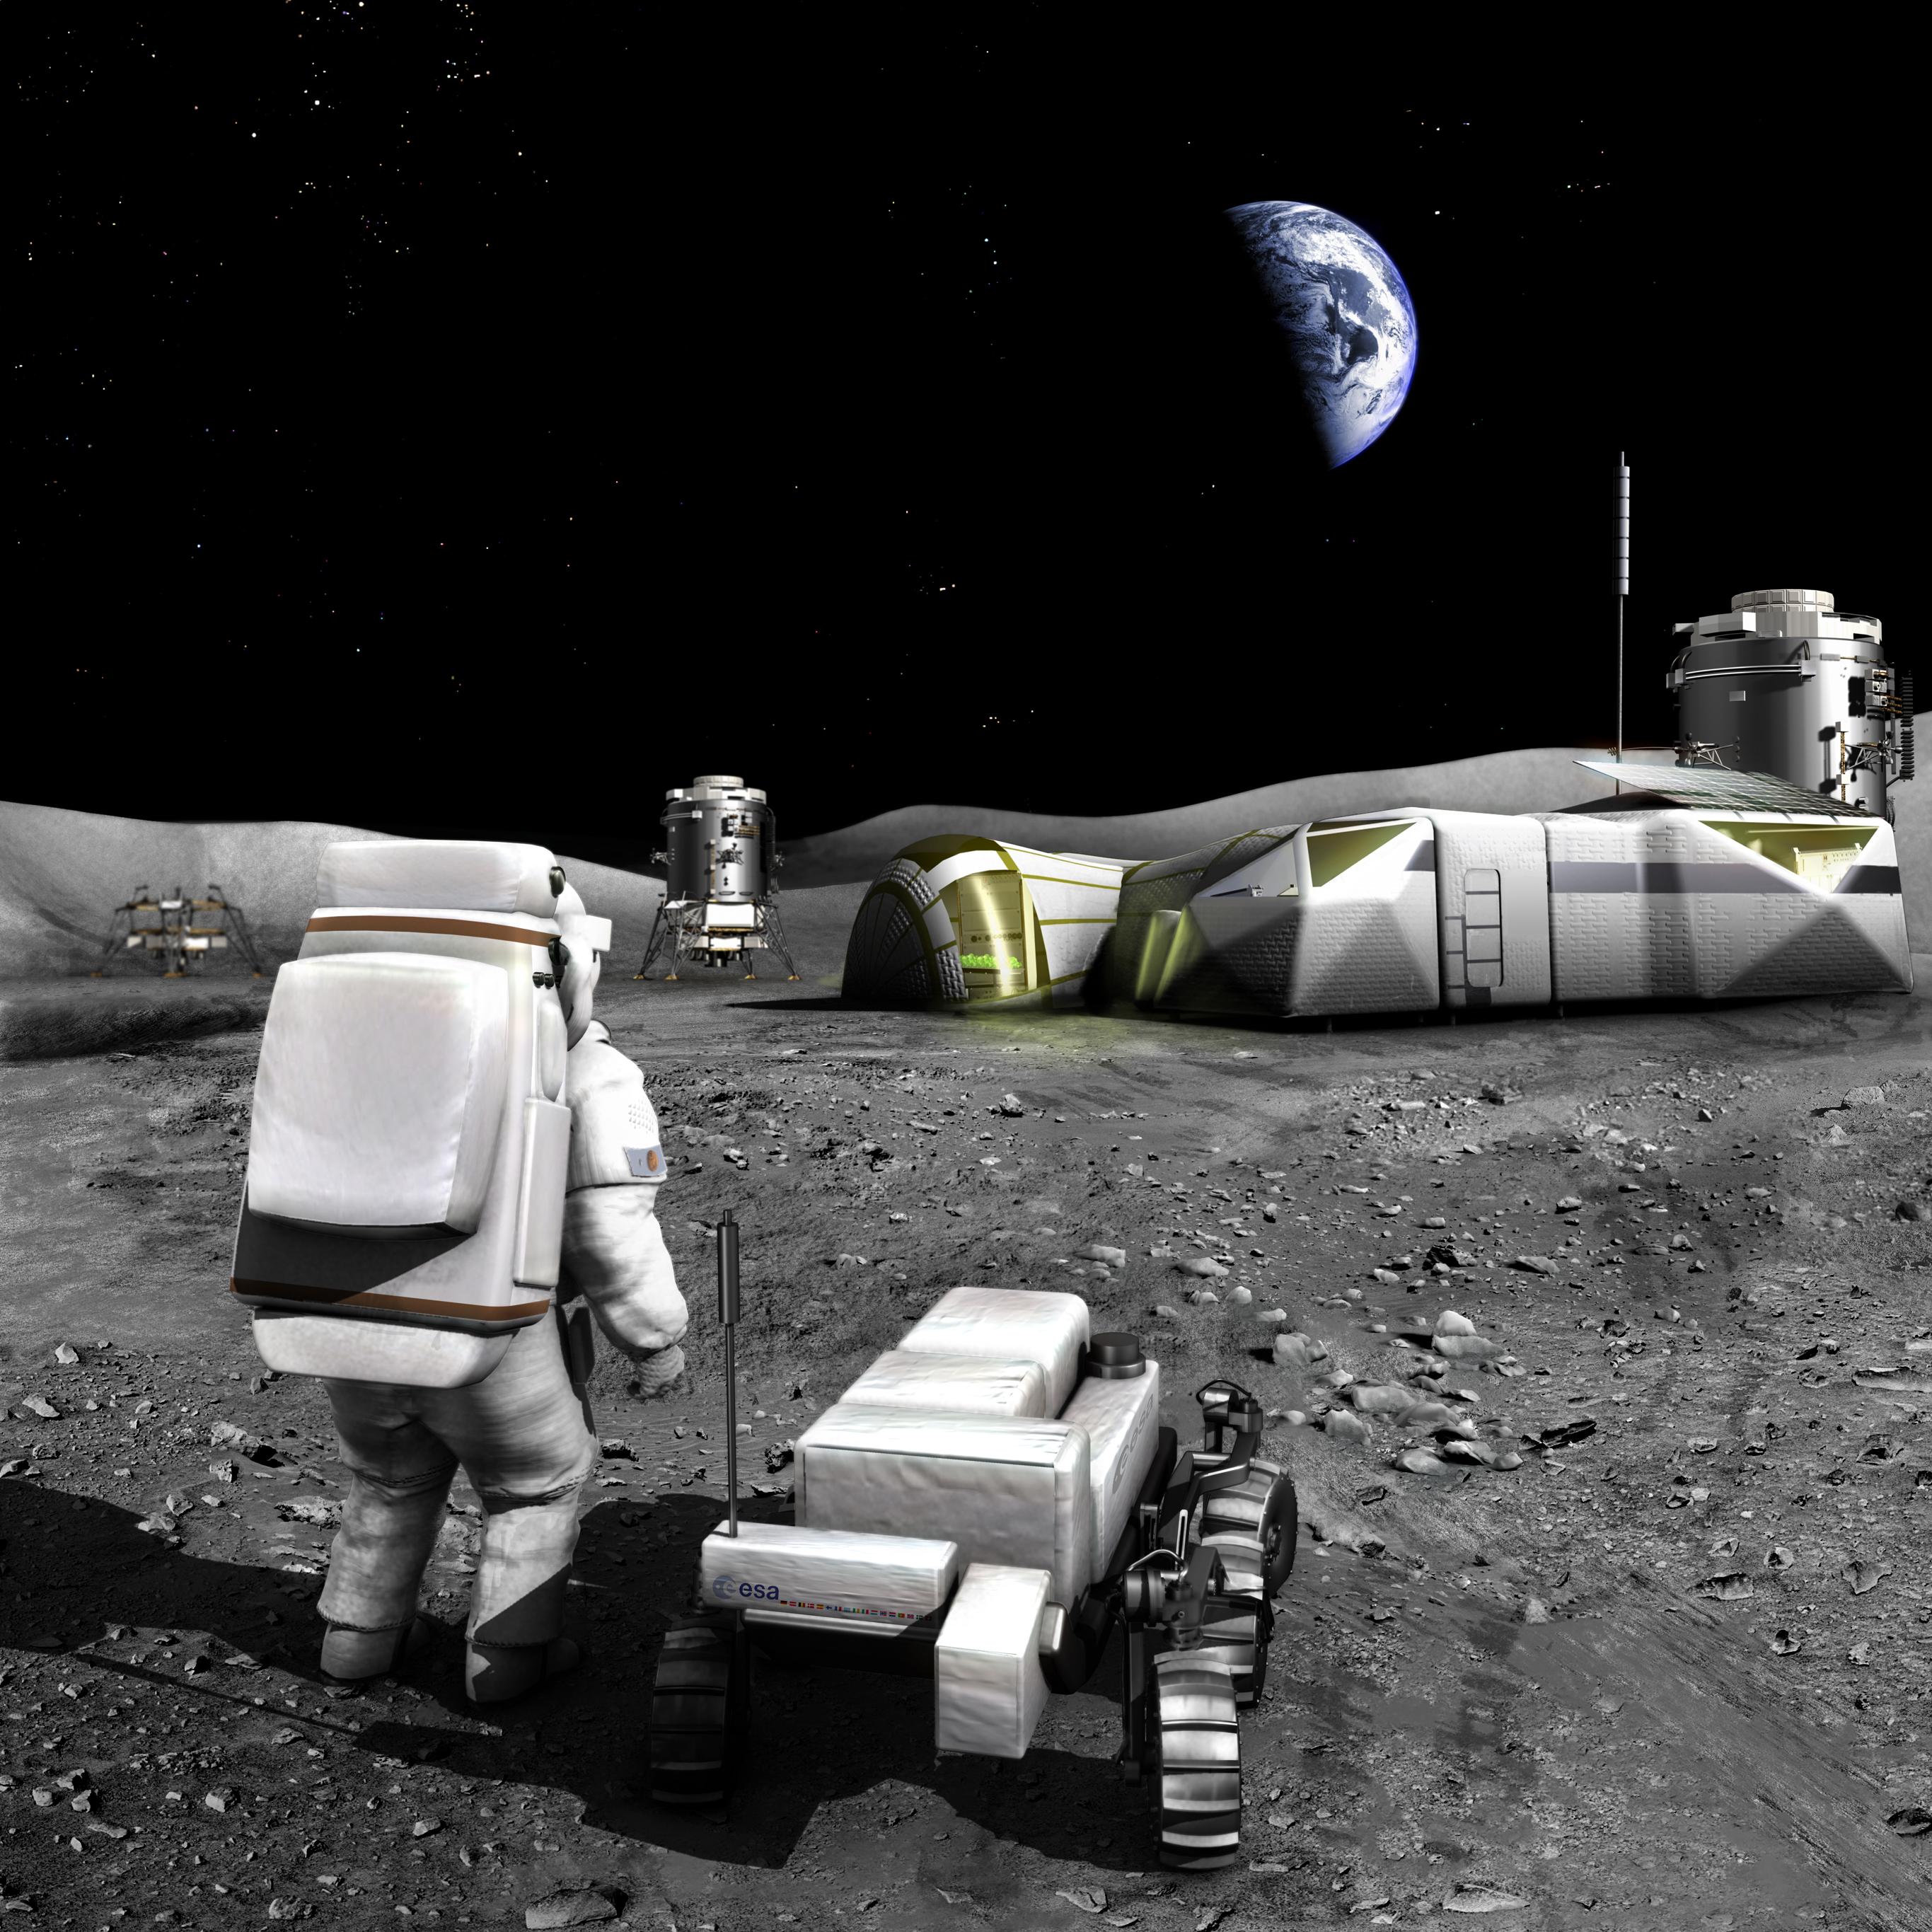 International Moon Base